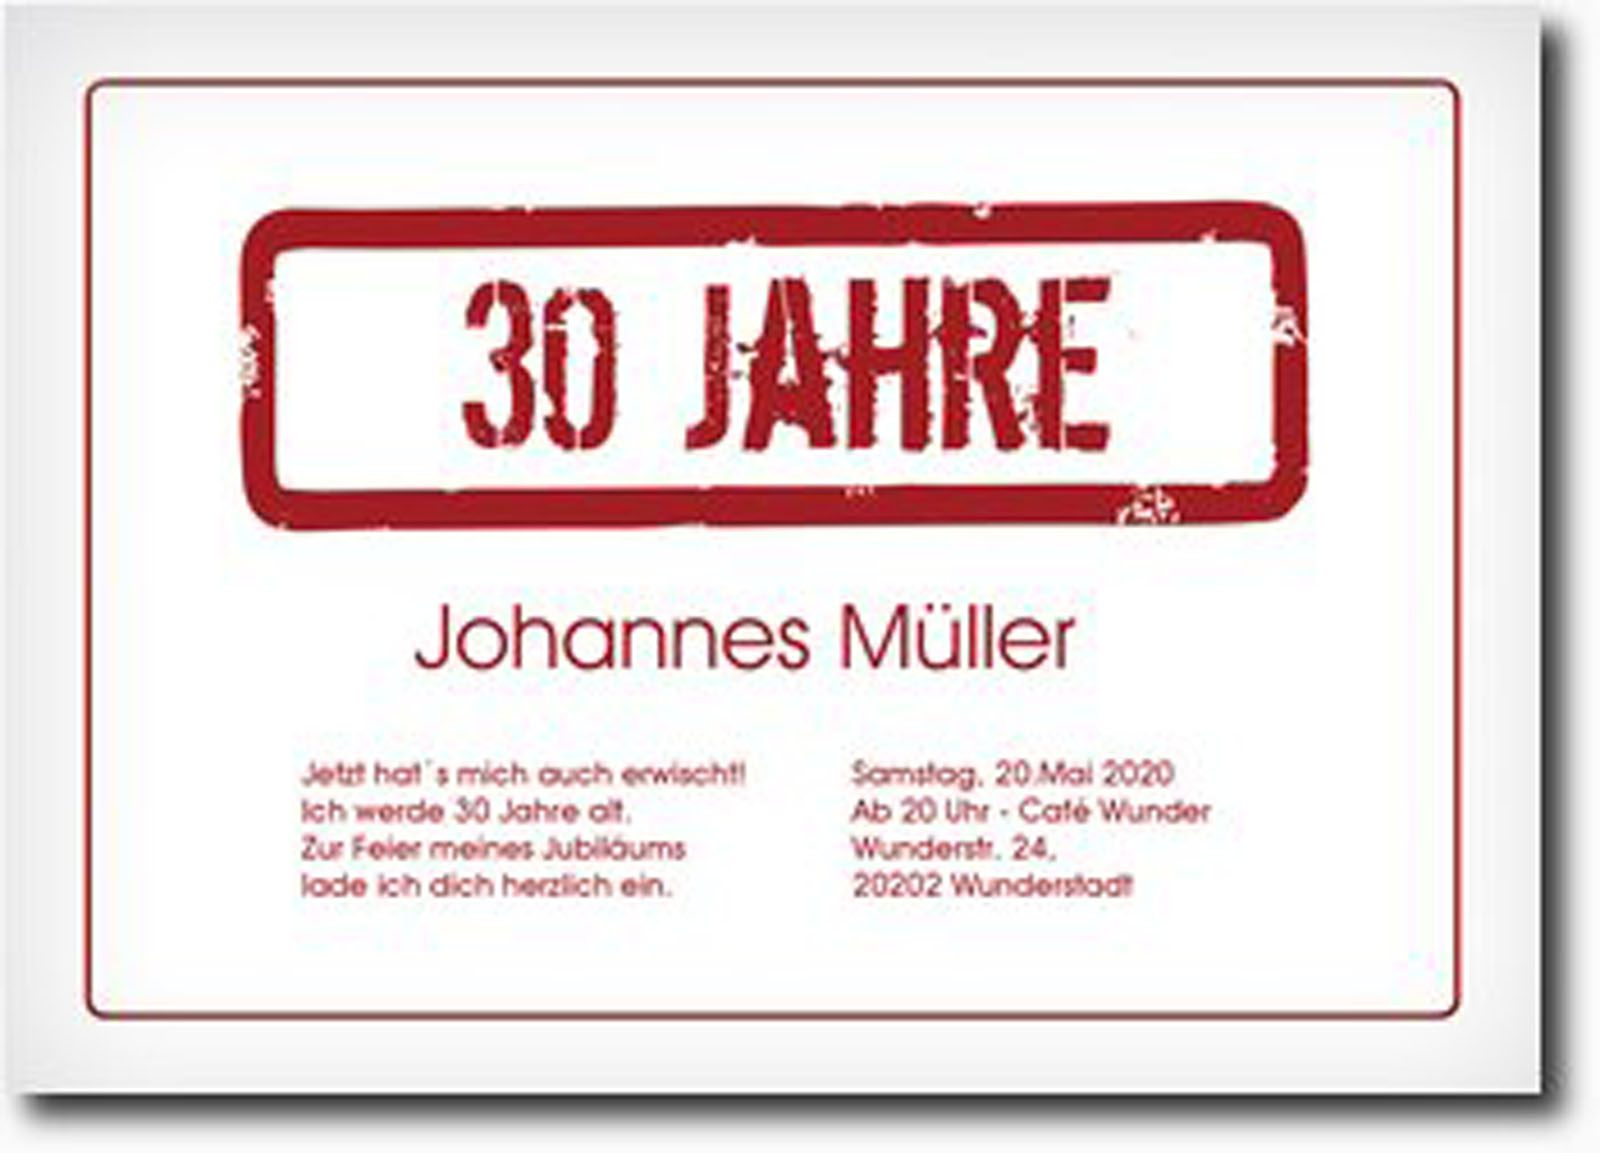 Text Einladung Zum Geburtstag #18: More Article From Einladung Geburtstag Text